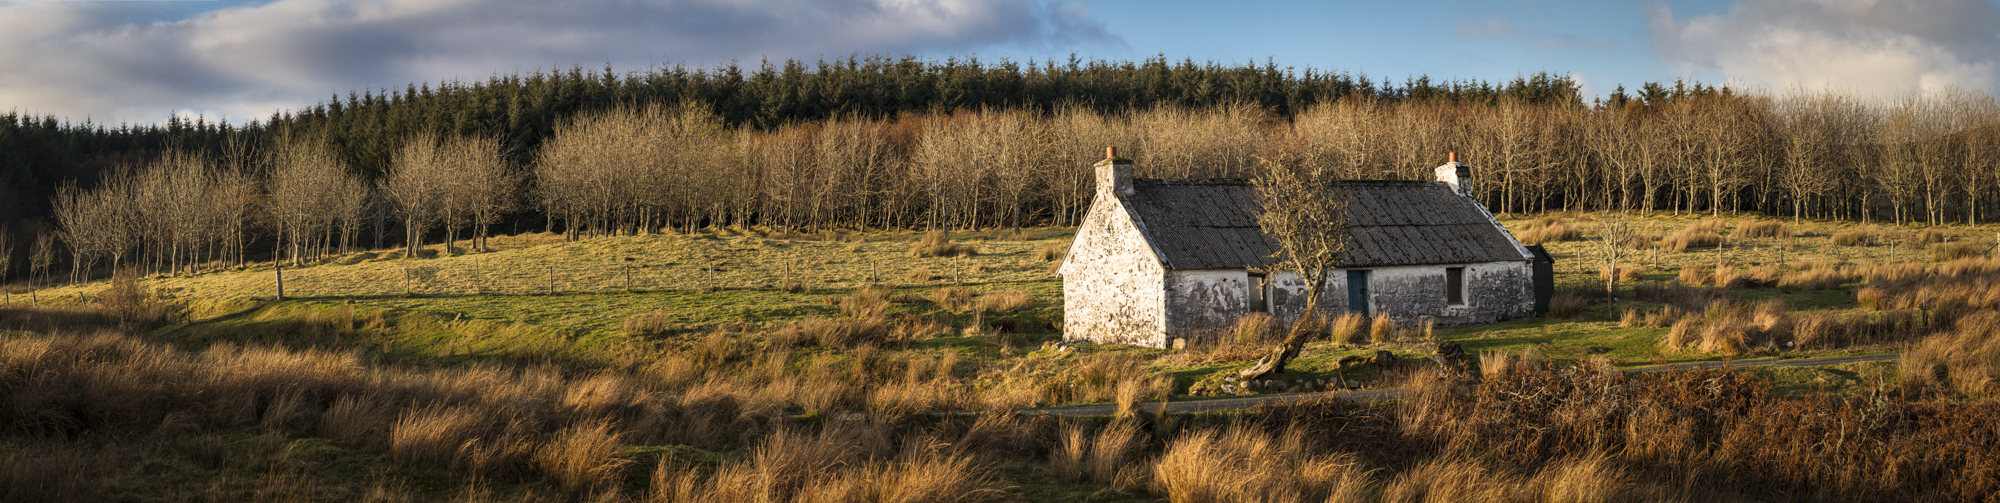 ©_Mark_Maio_2014_Isle_of_Skye_Abandoned_Croft.jpg